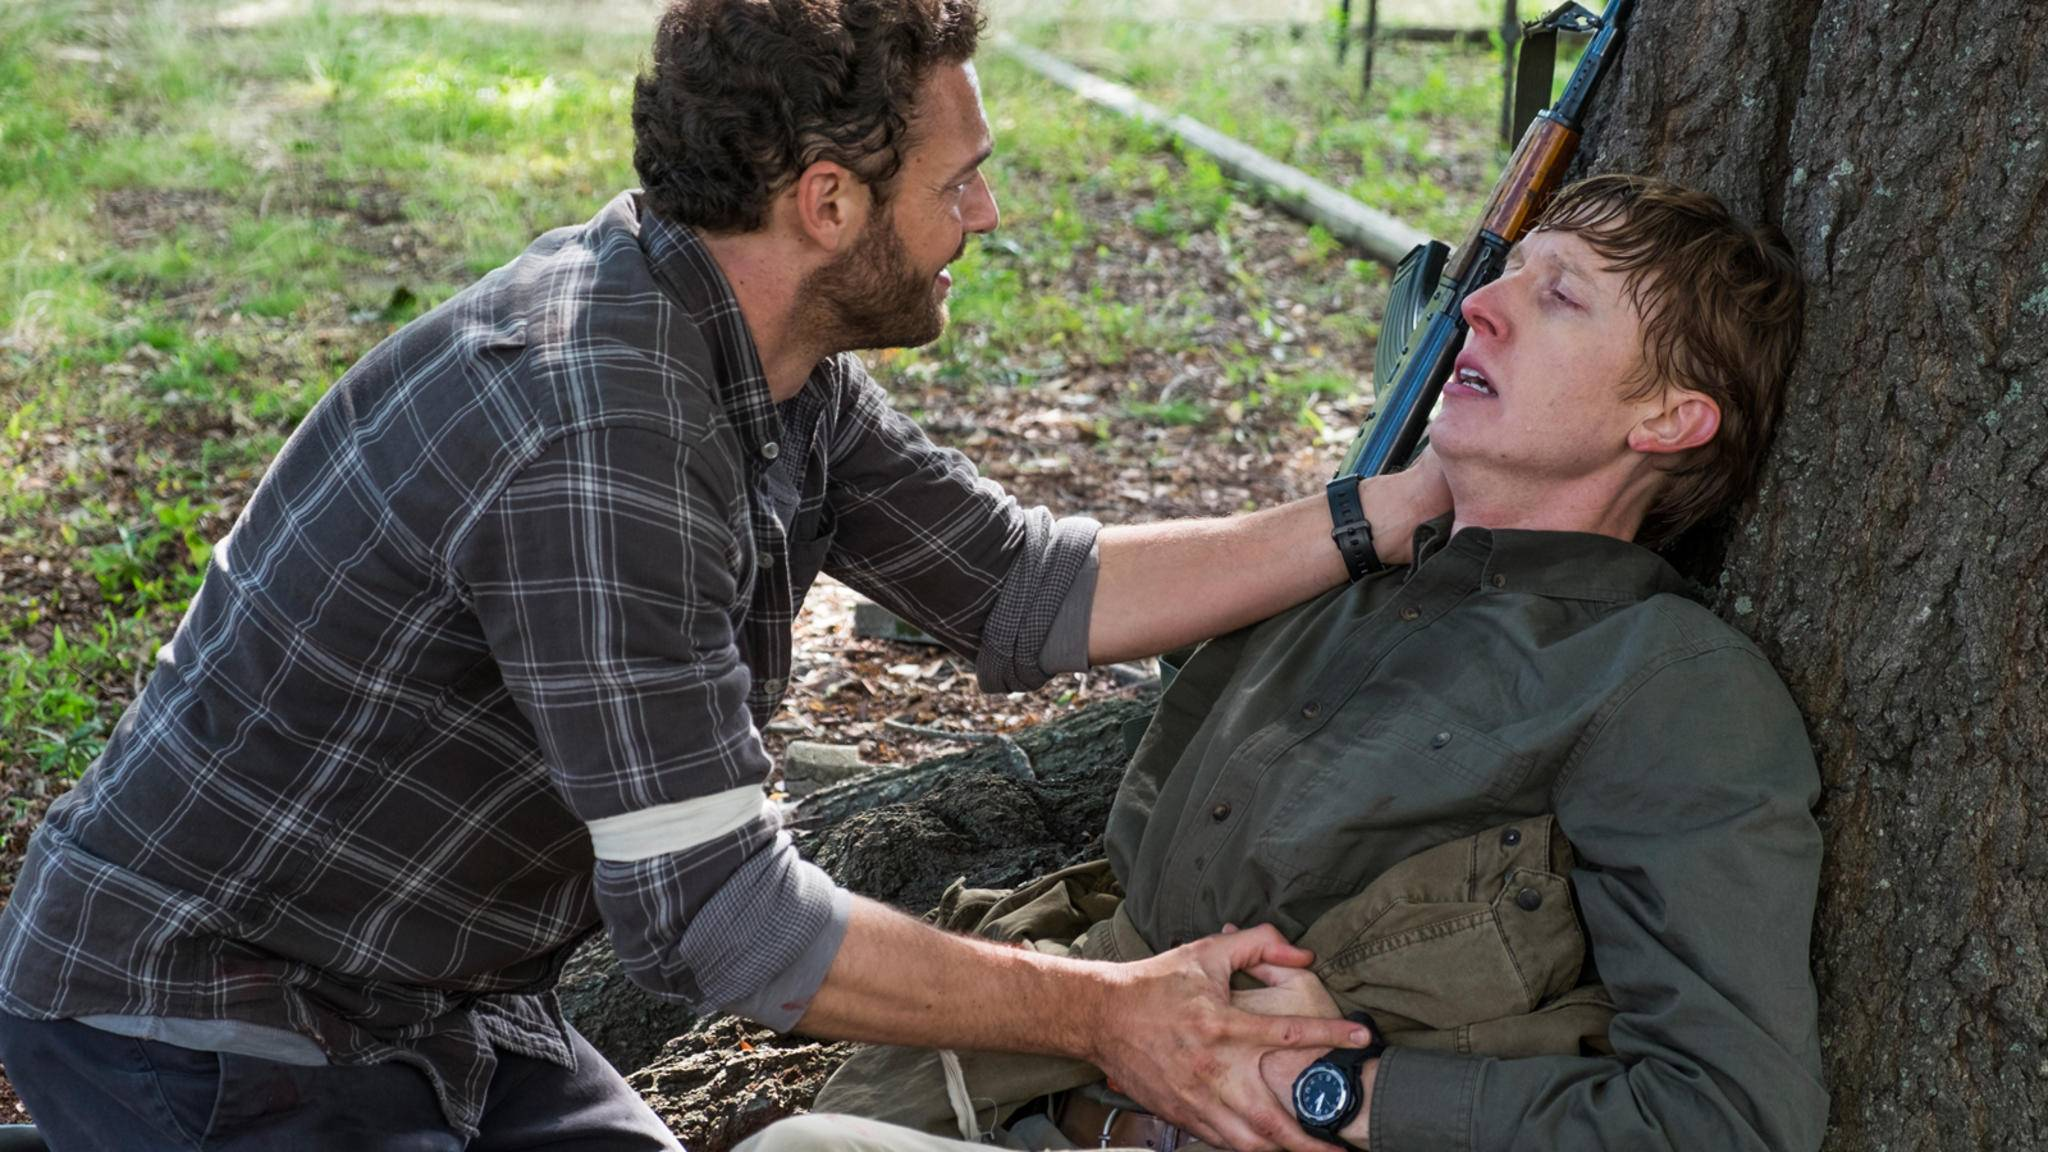 ... und teilt mit ihm dann die wohl emotionalste Szene der ganzen Folge.